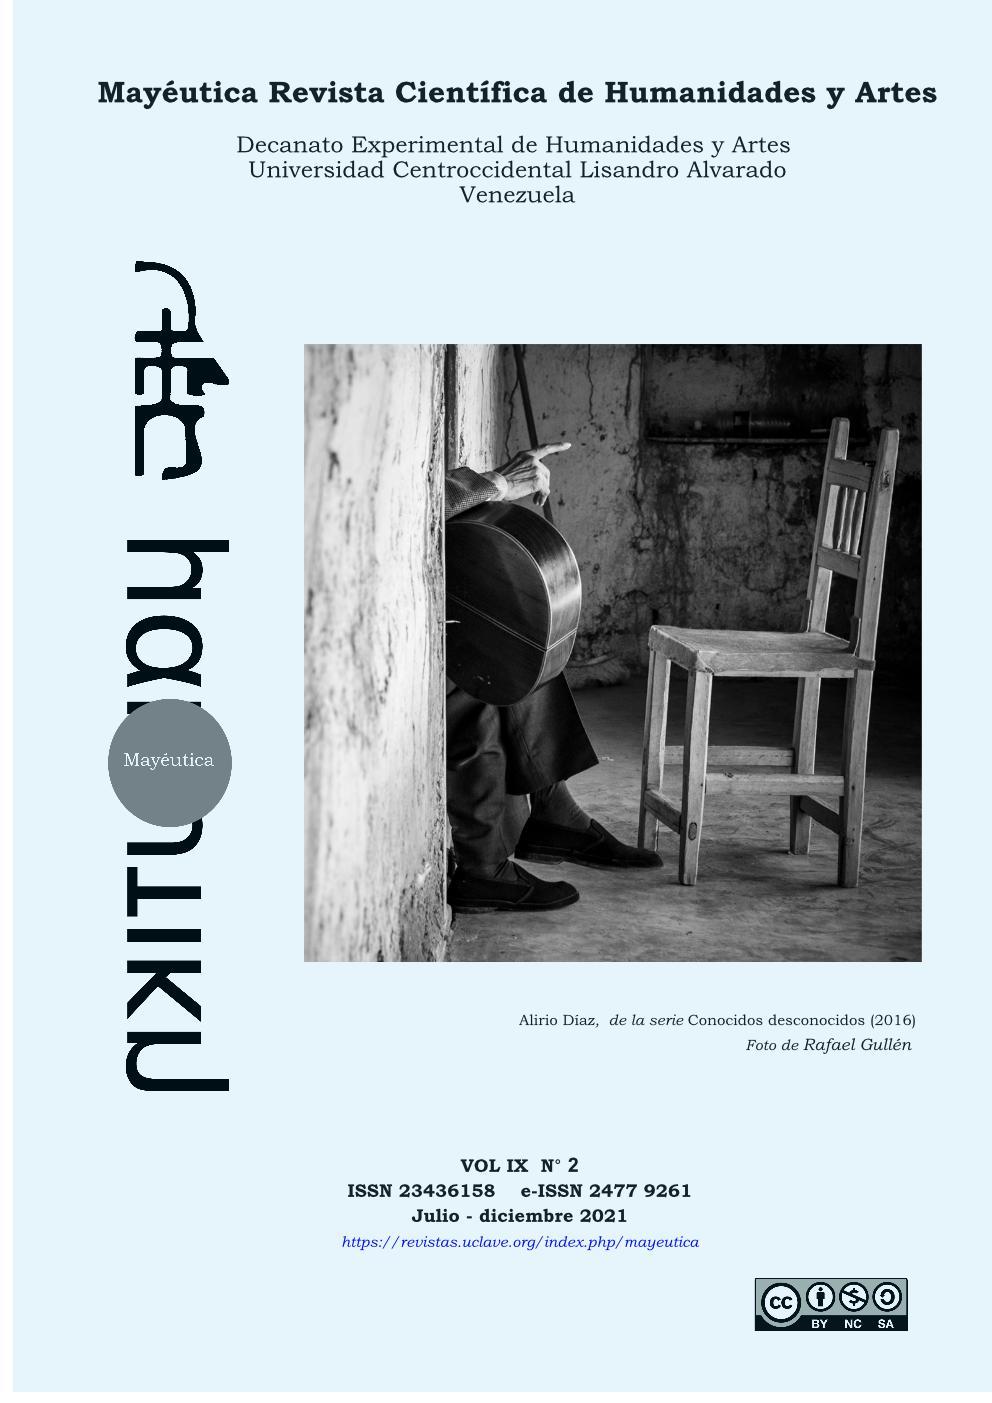 Mayéutica Revista Científica de Humanidades y Artes